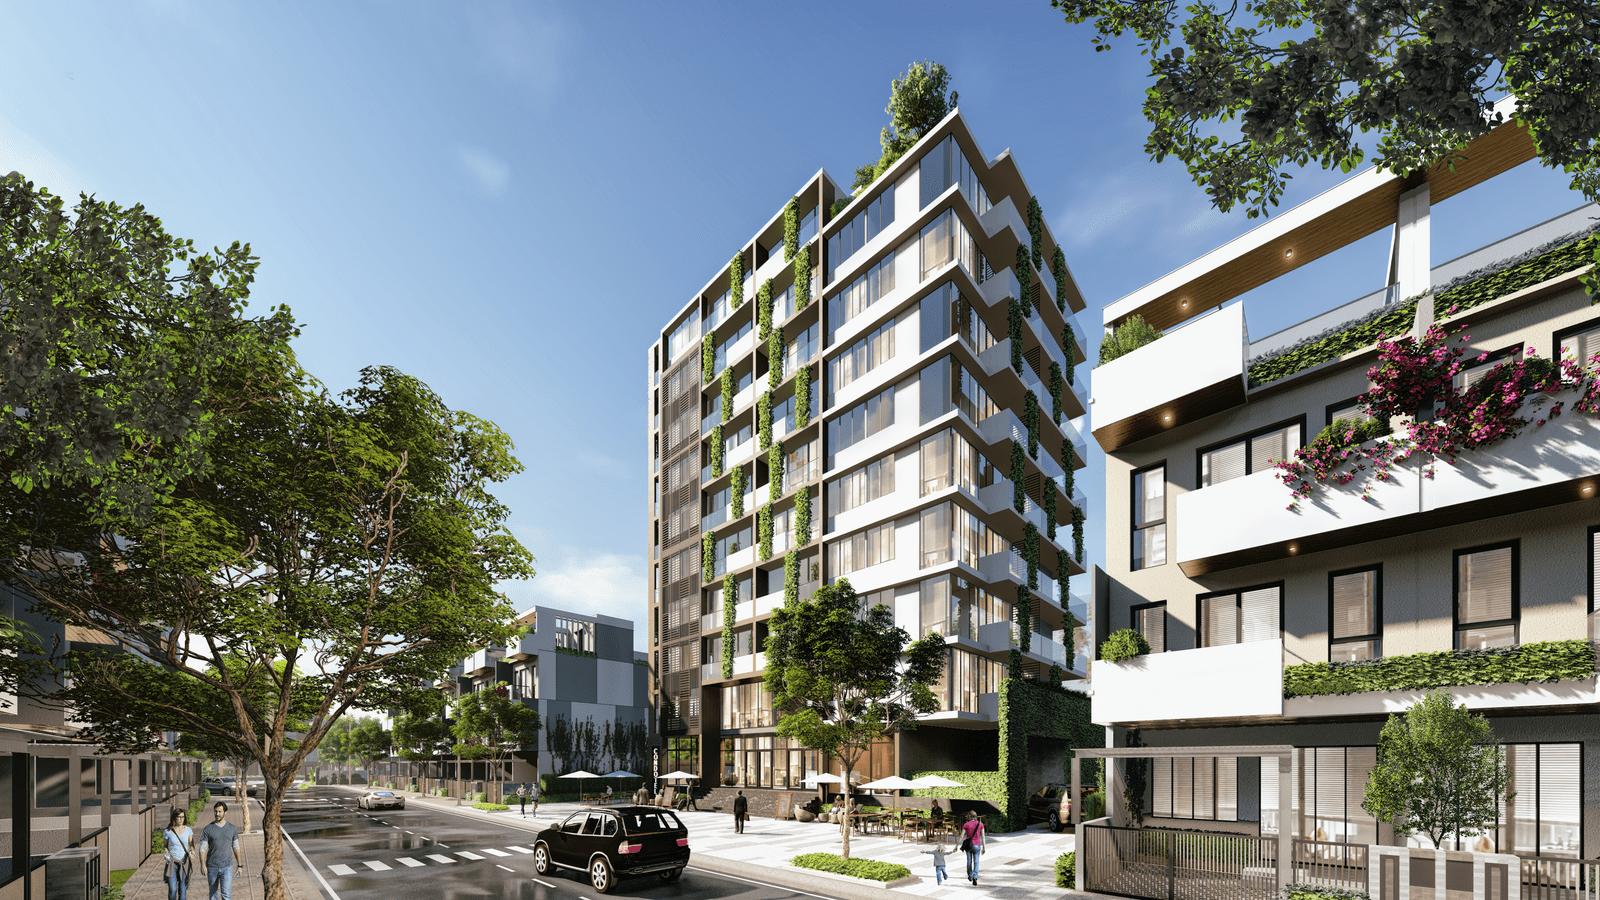 Đánh giá thị trường bất động sản cho thuê tại HCM 2021